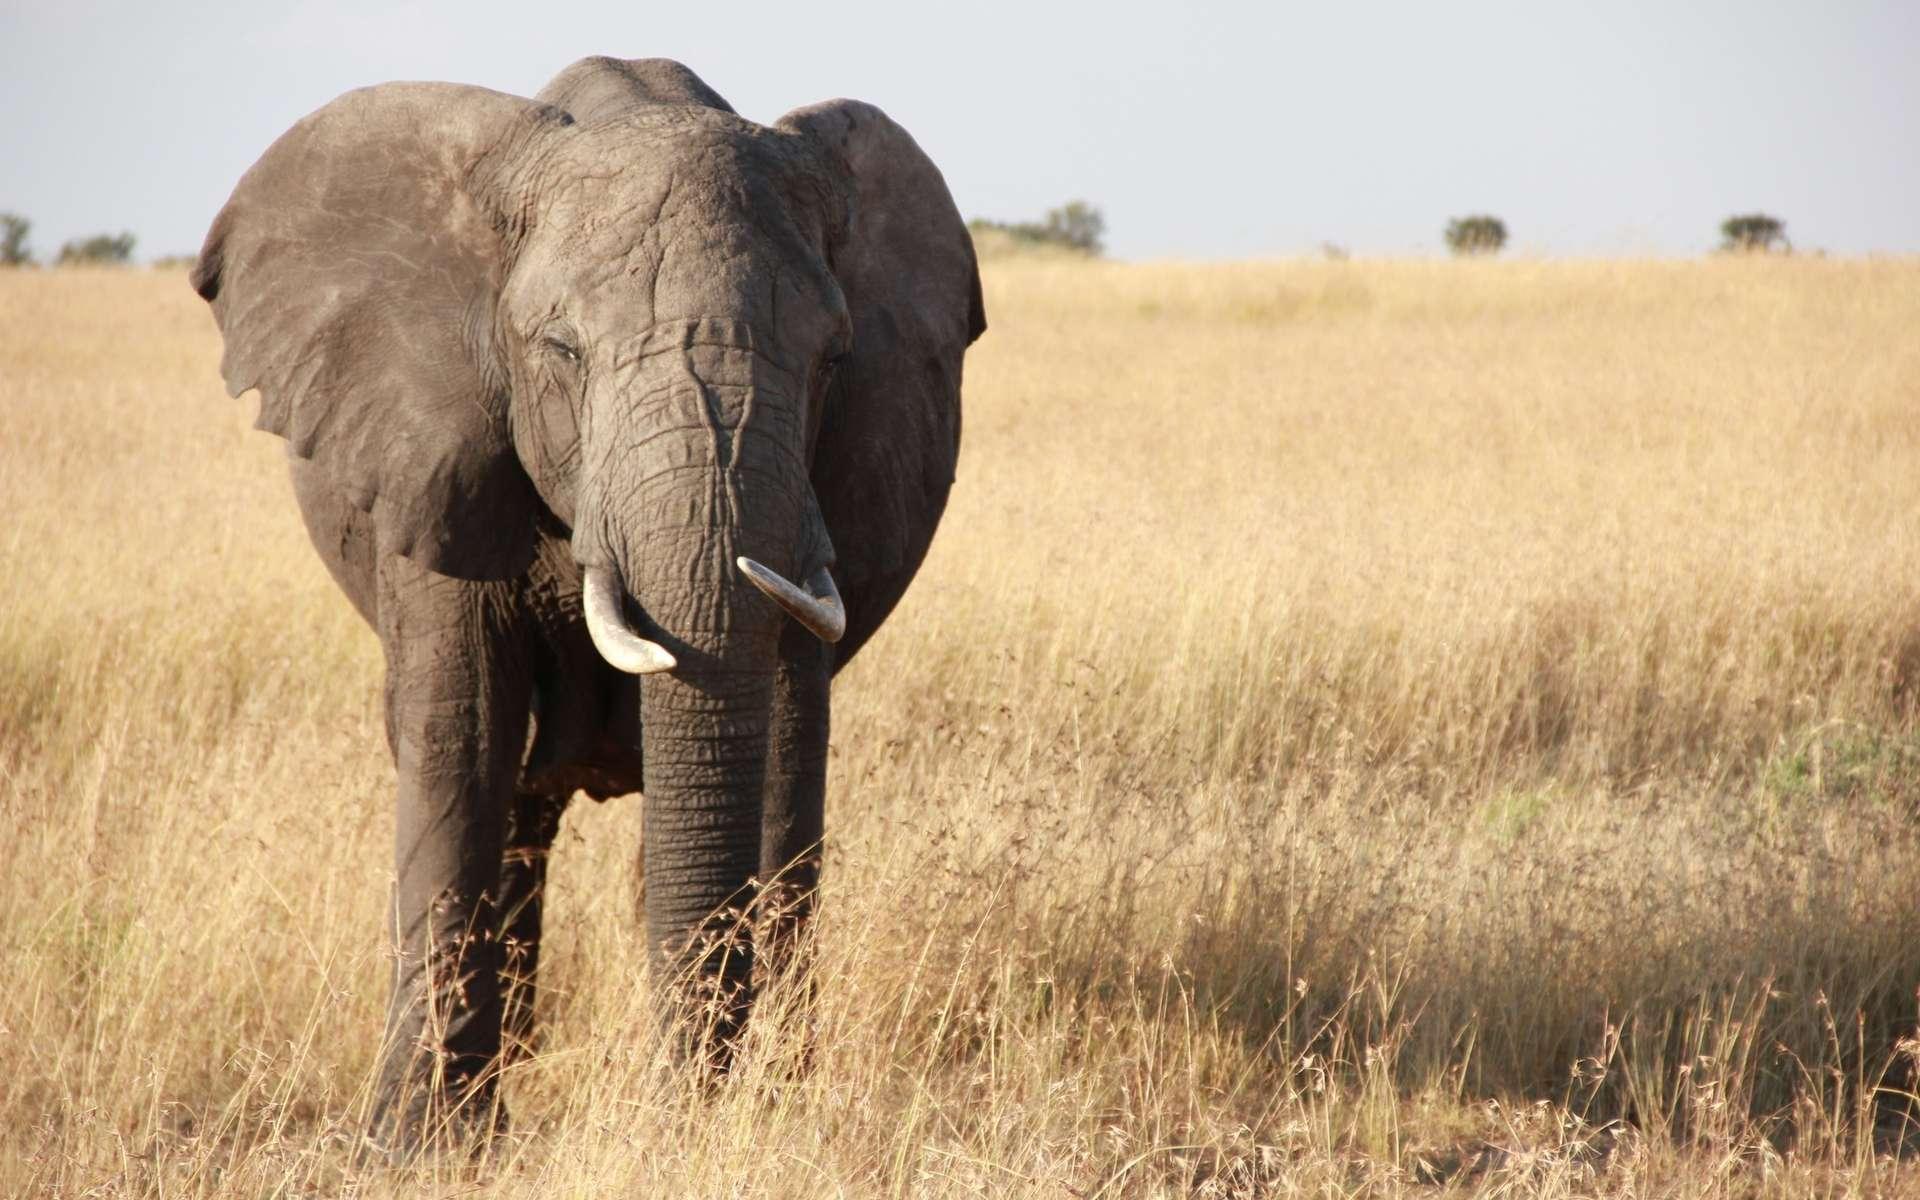 Les éléphants d'Afrique figurent parmi les animaux sauvages menacés d'extinction. Malgré les efforts de conservation, ils sont encore trop souvent massacrés par les braconniers pour leur ivoire. © PxHere